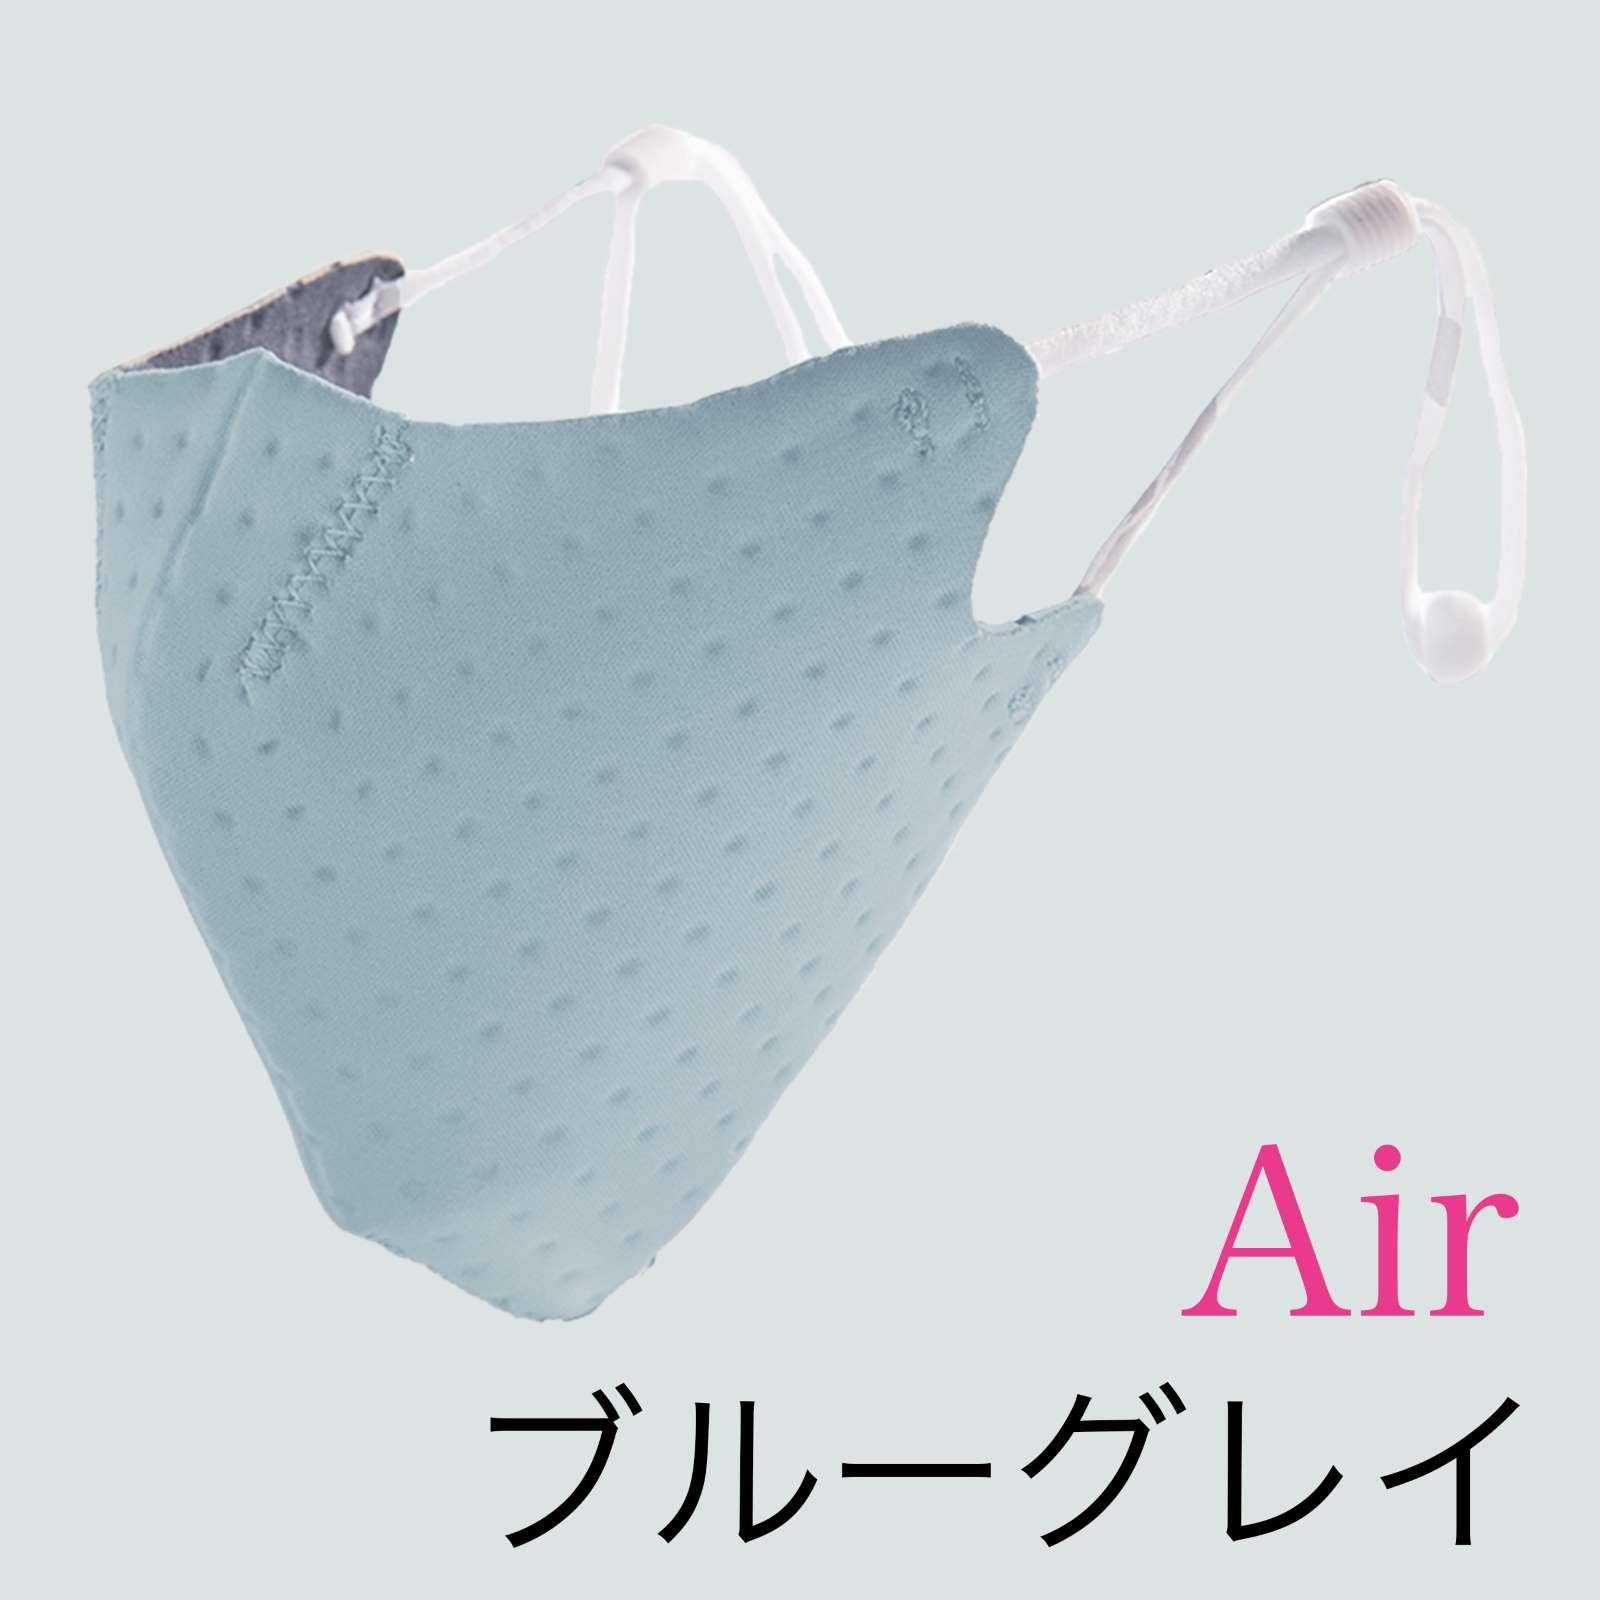 【2個セット】呼吸 Co-que Air【選べるカラー】【送料無料】